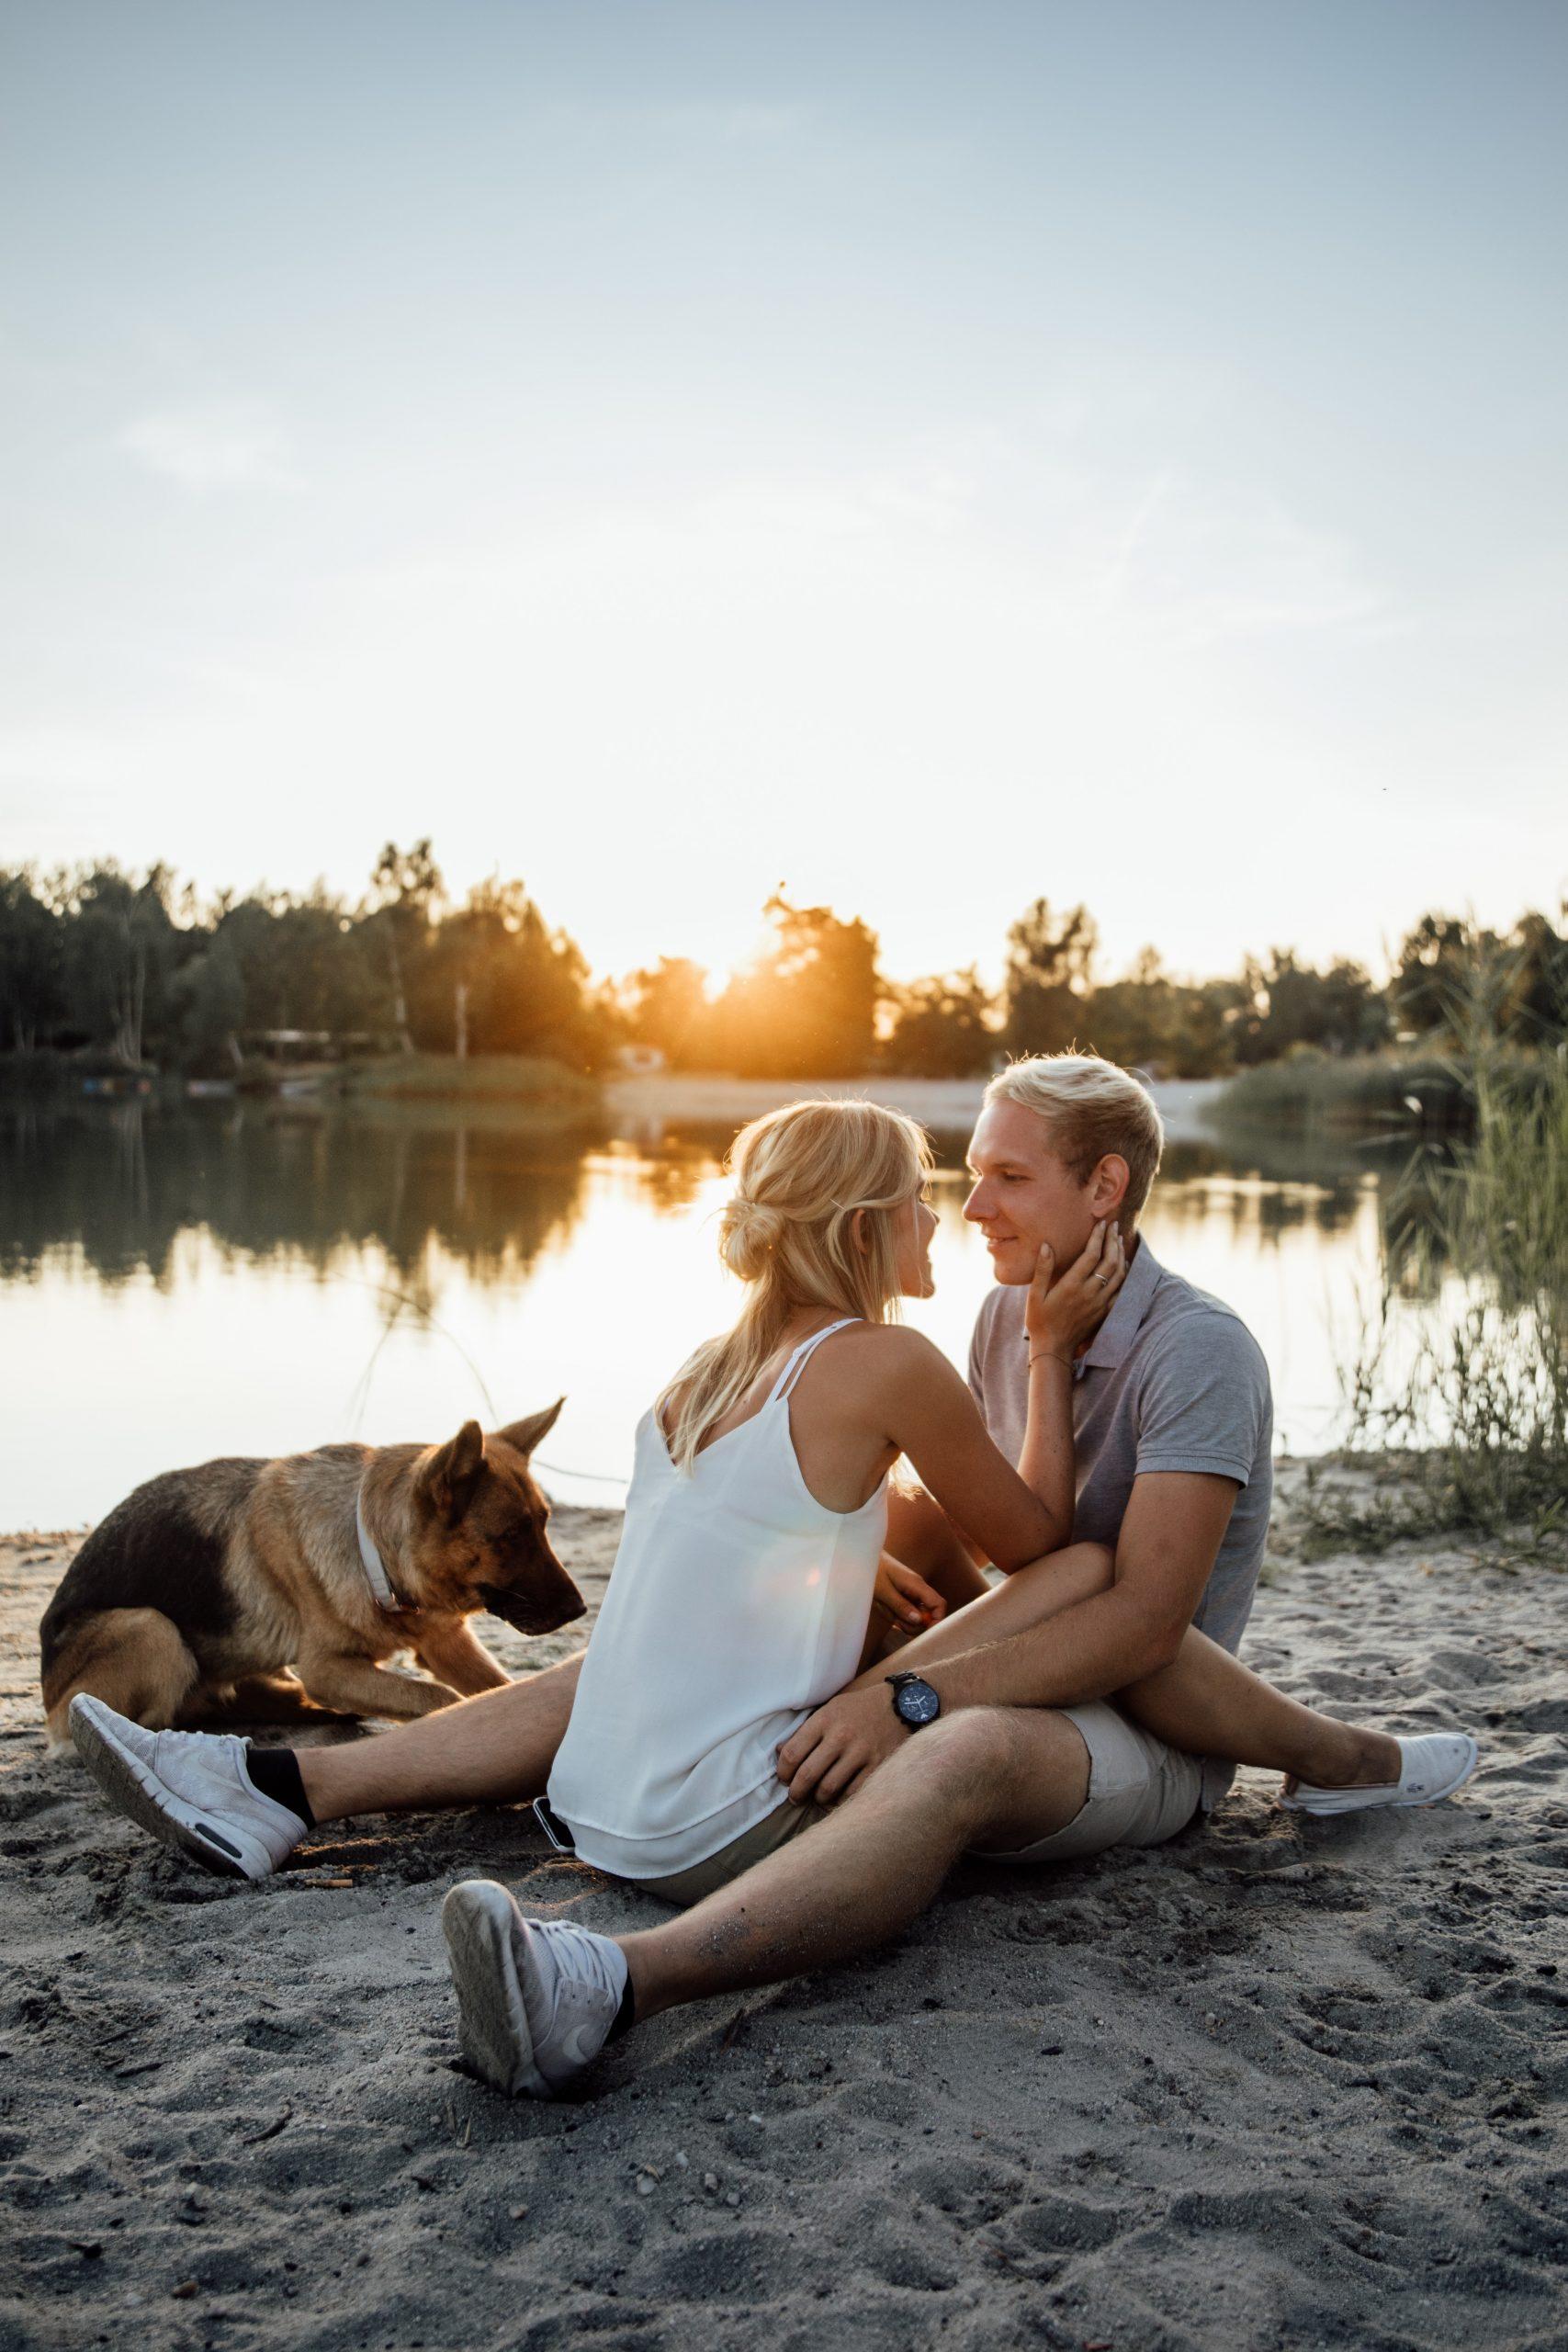 Sonnenuntergang am Horizont, ein verliebtes Paar sitzt sich gegenüber mit zwei großen Hunden, Hundeshooting